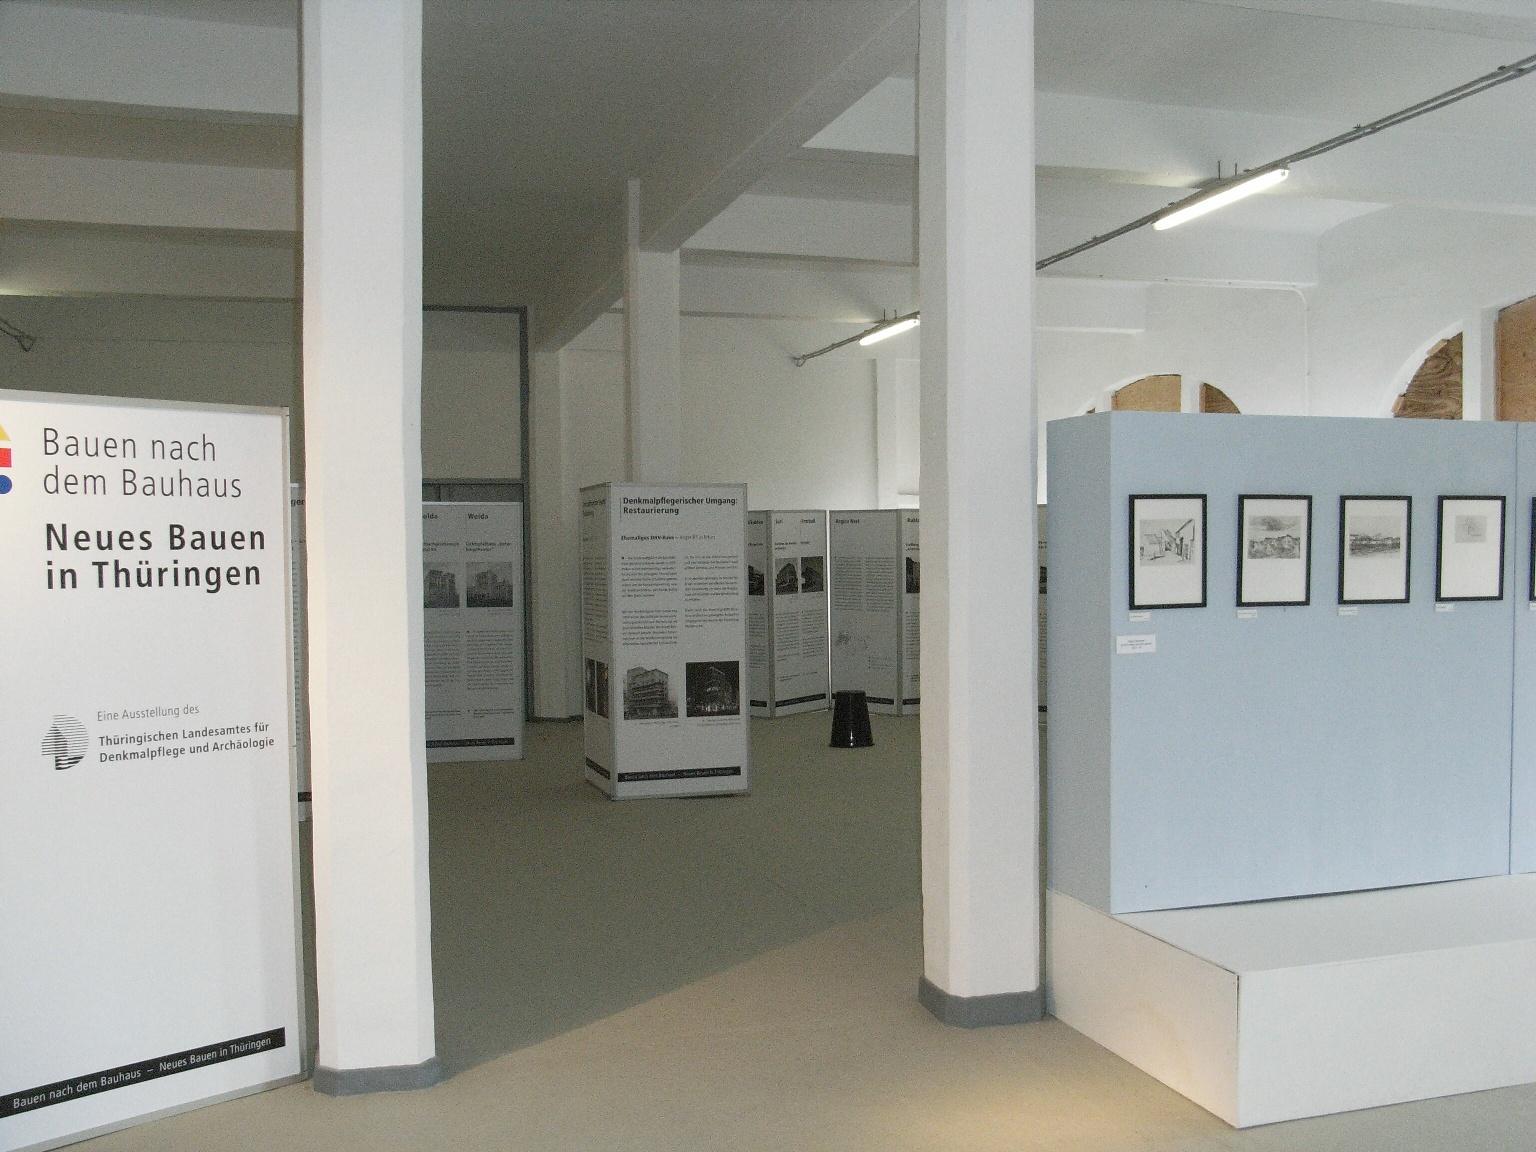 Bilder for Bauhaus bauen